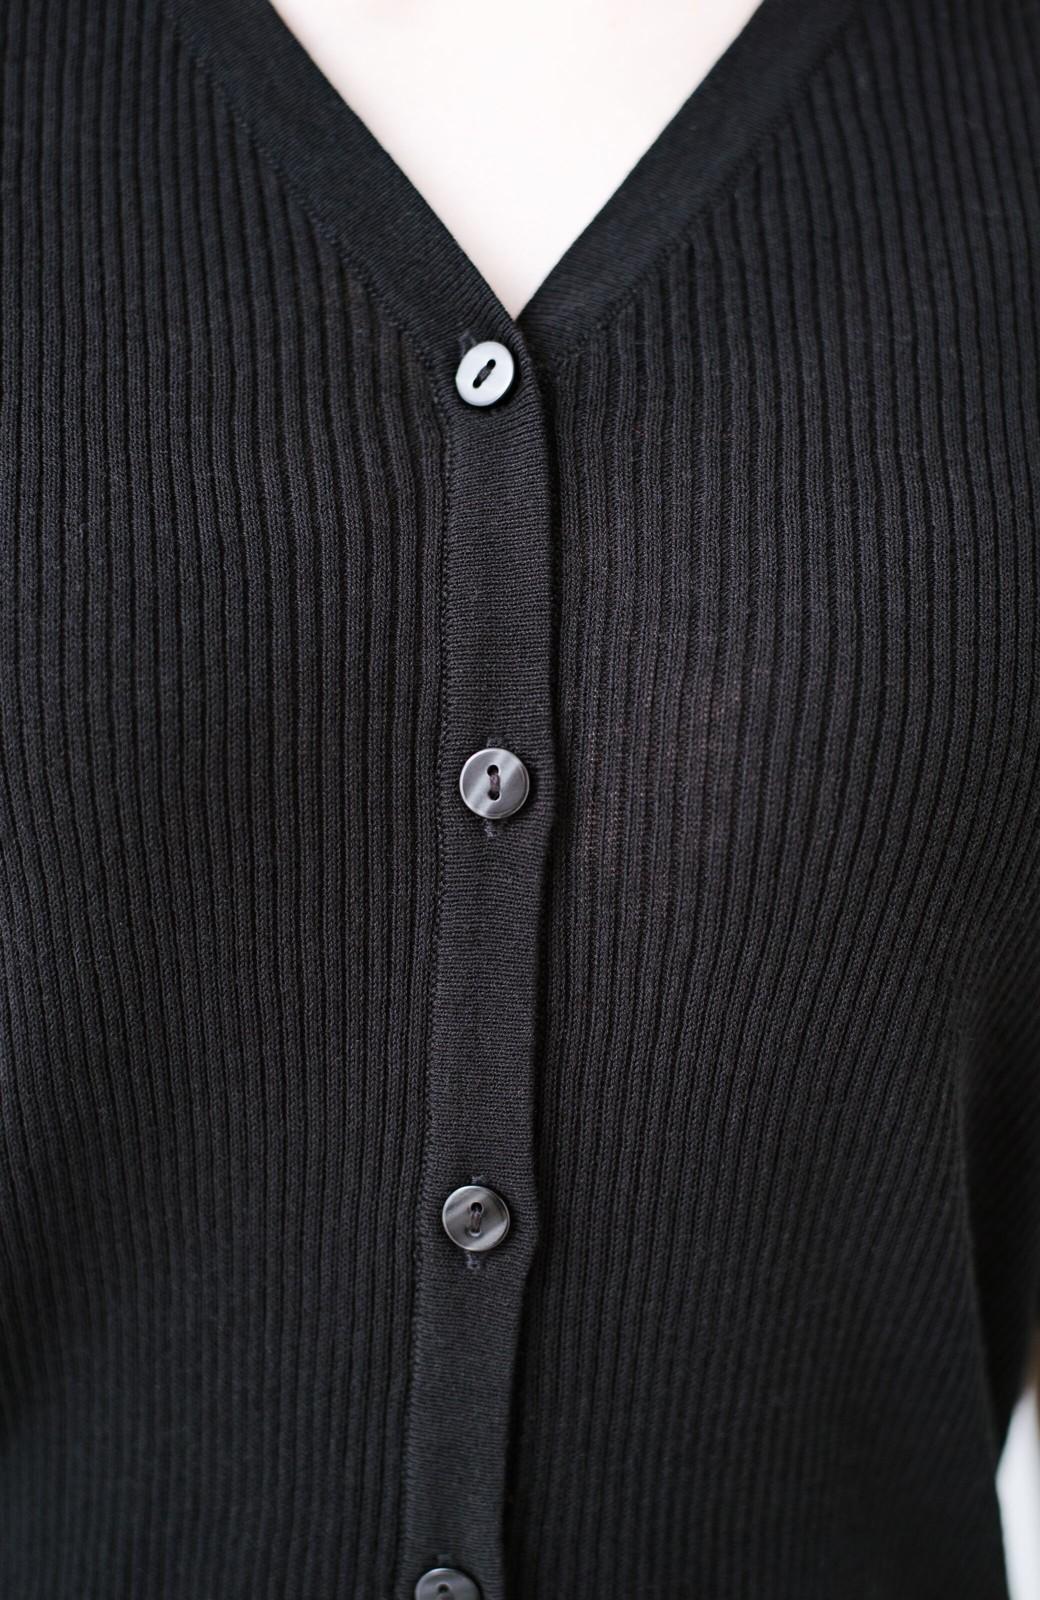 haco! 活躍間違いなしの洗えるきれいめオトナのカーディガントップス <ブラック>の商品写真7